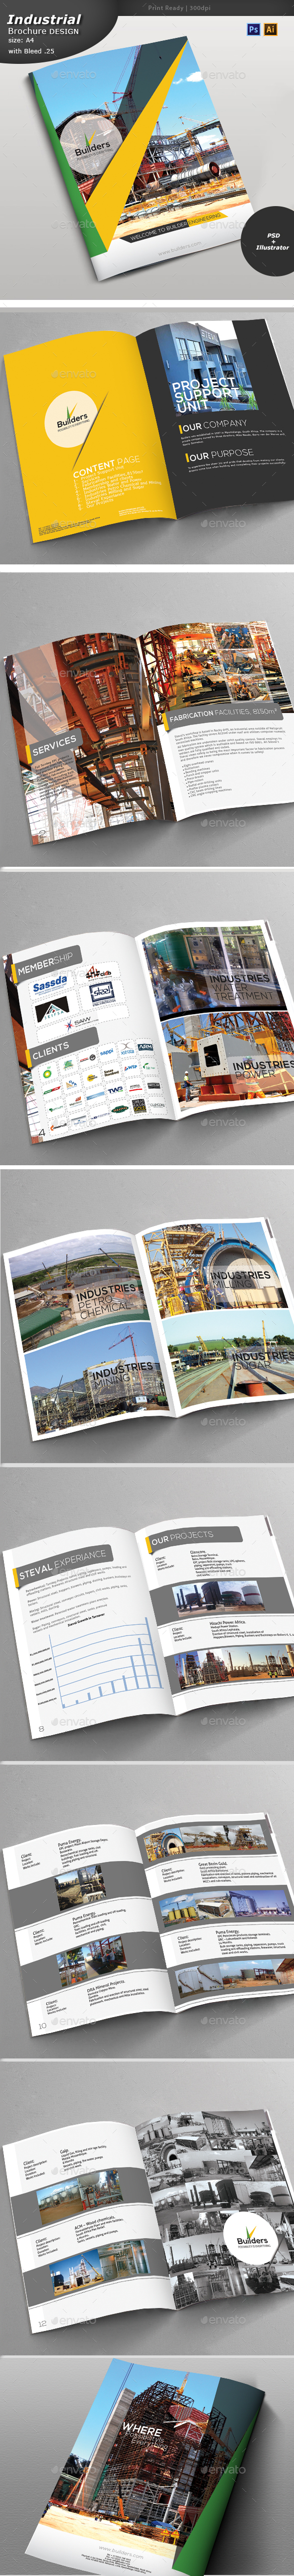 Construction Brochure - Corporate Brochures